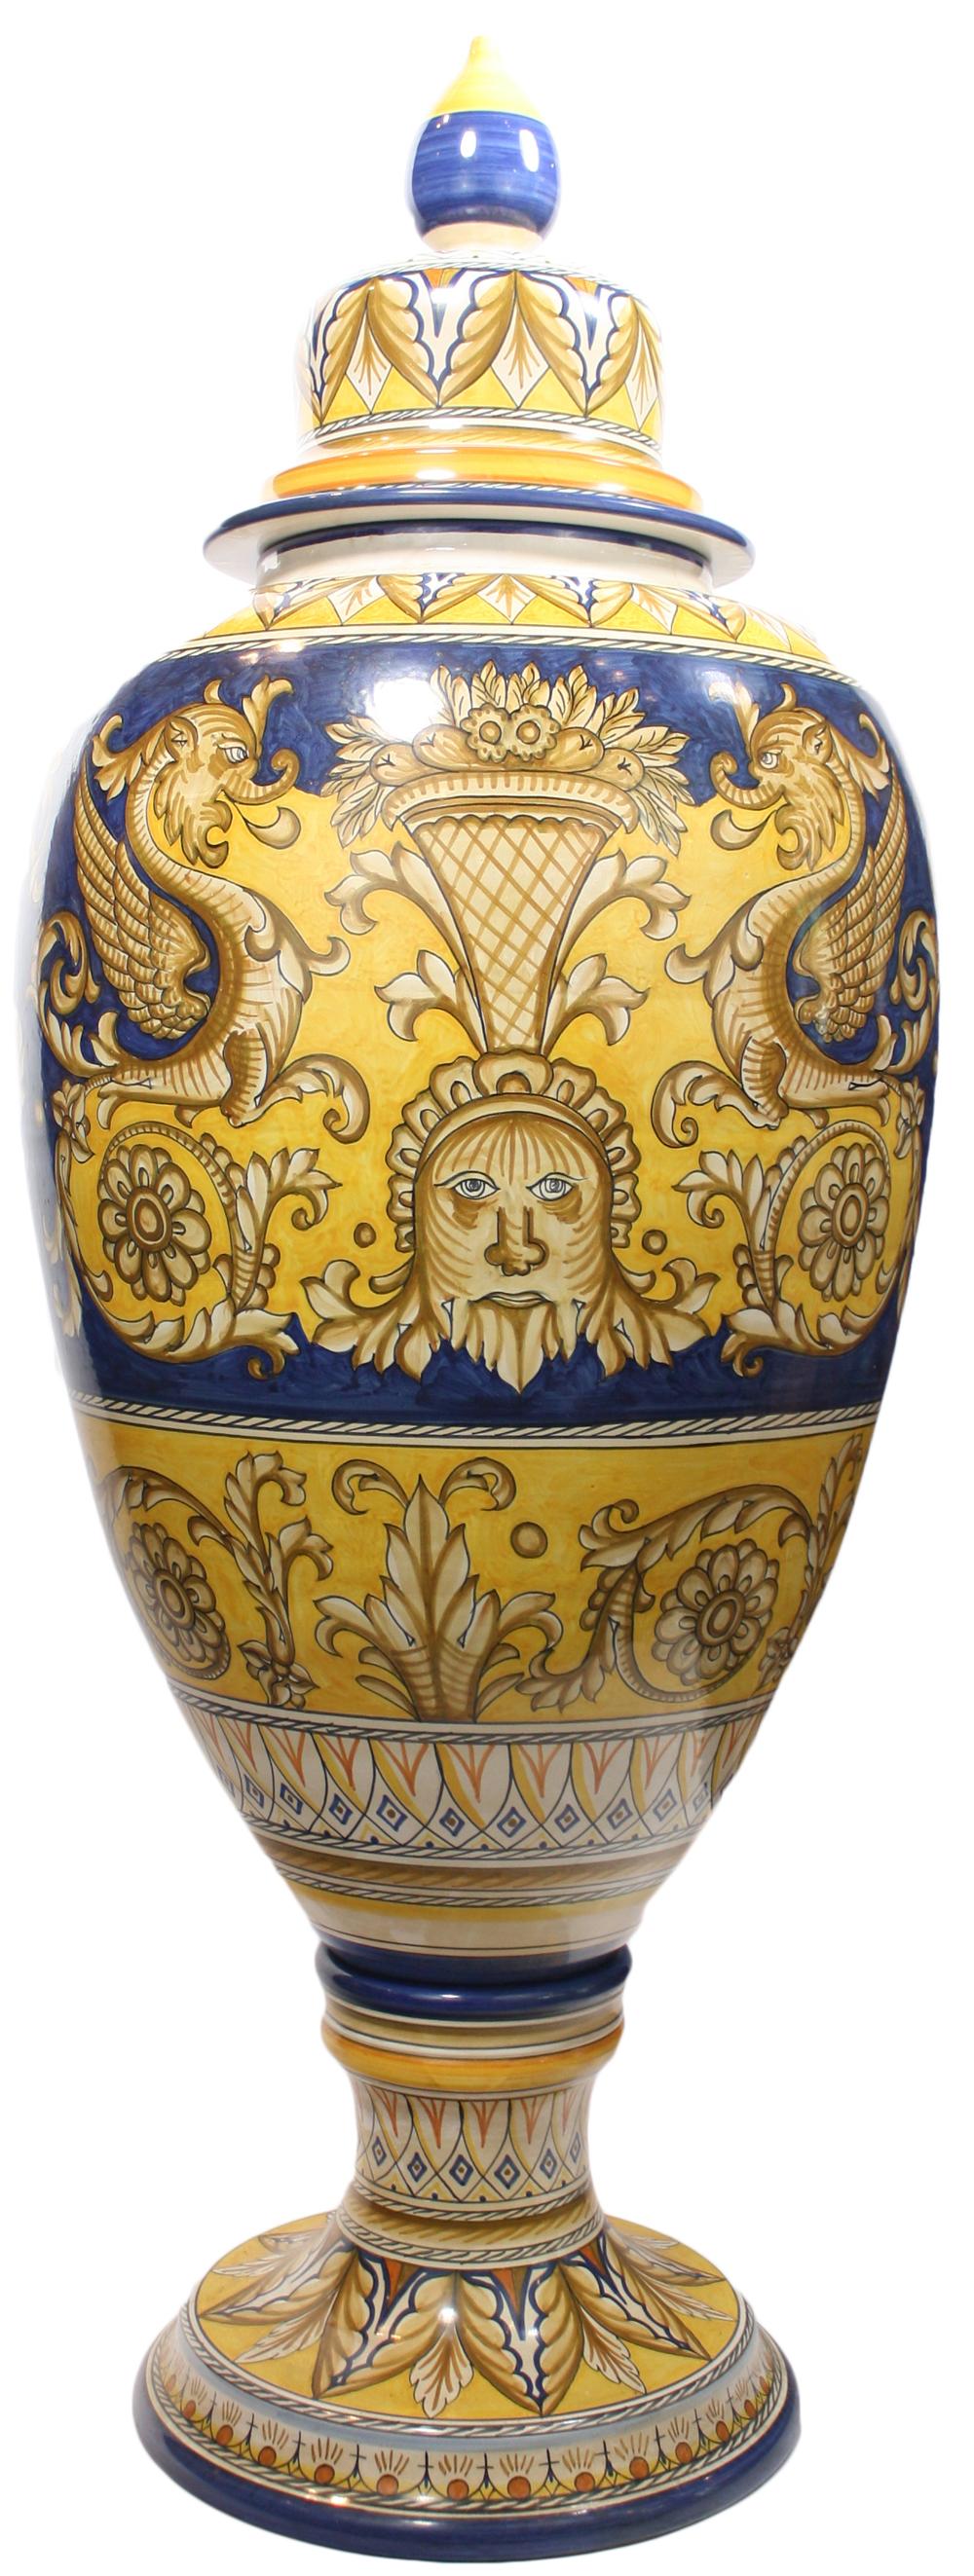 Italian Ceramic Floor Urn